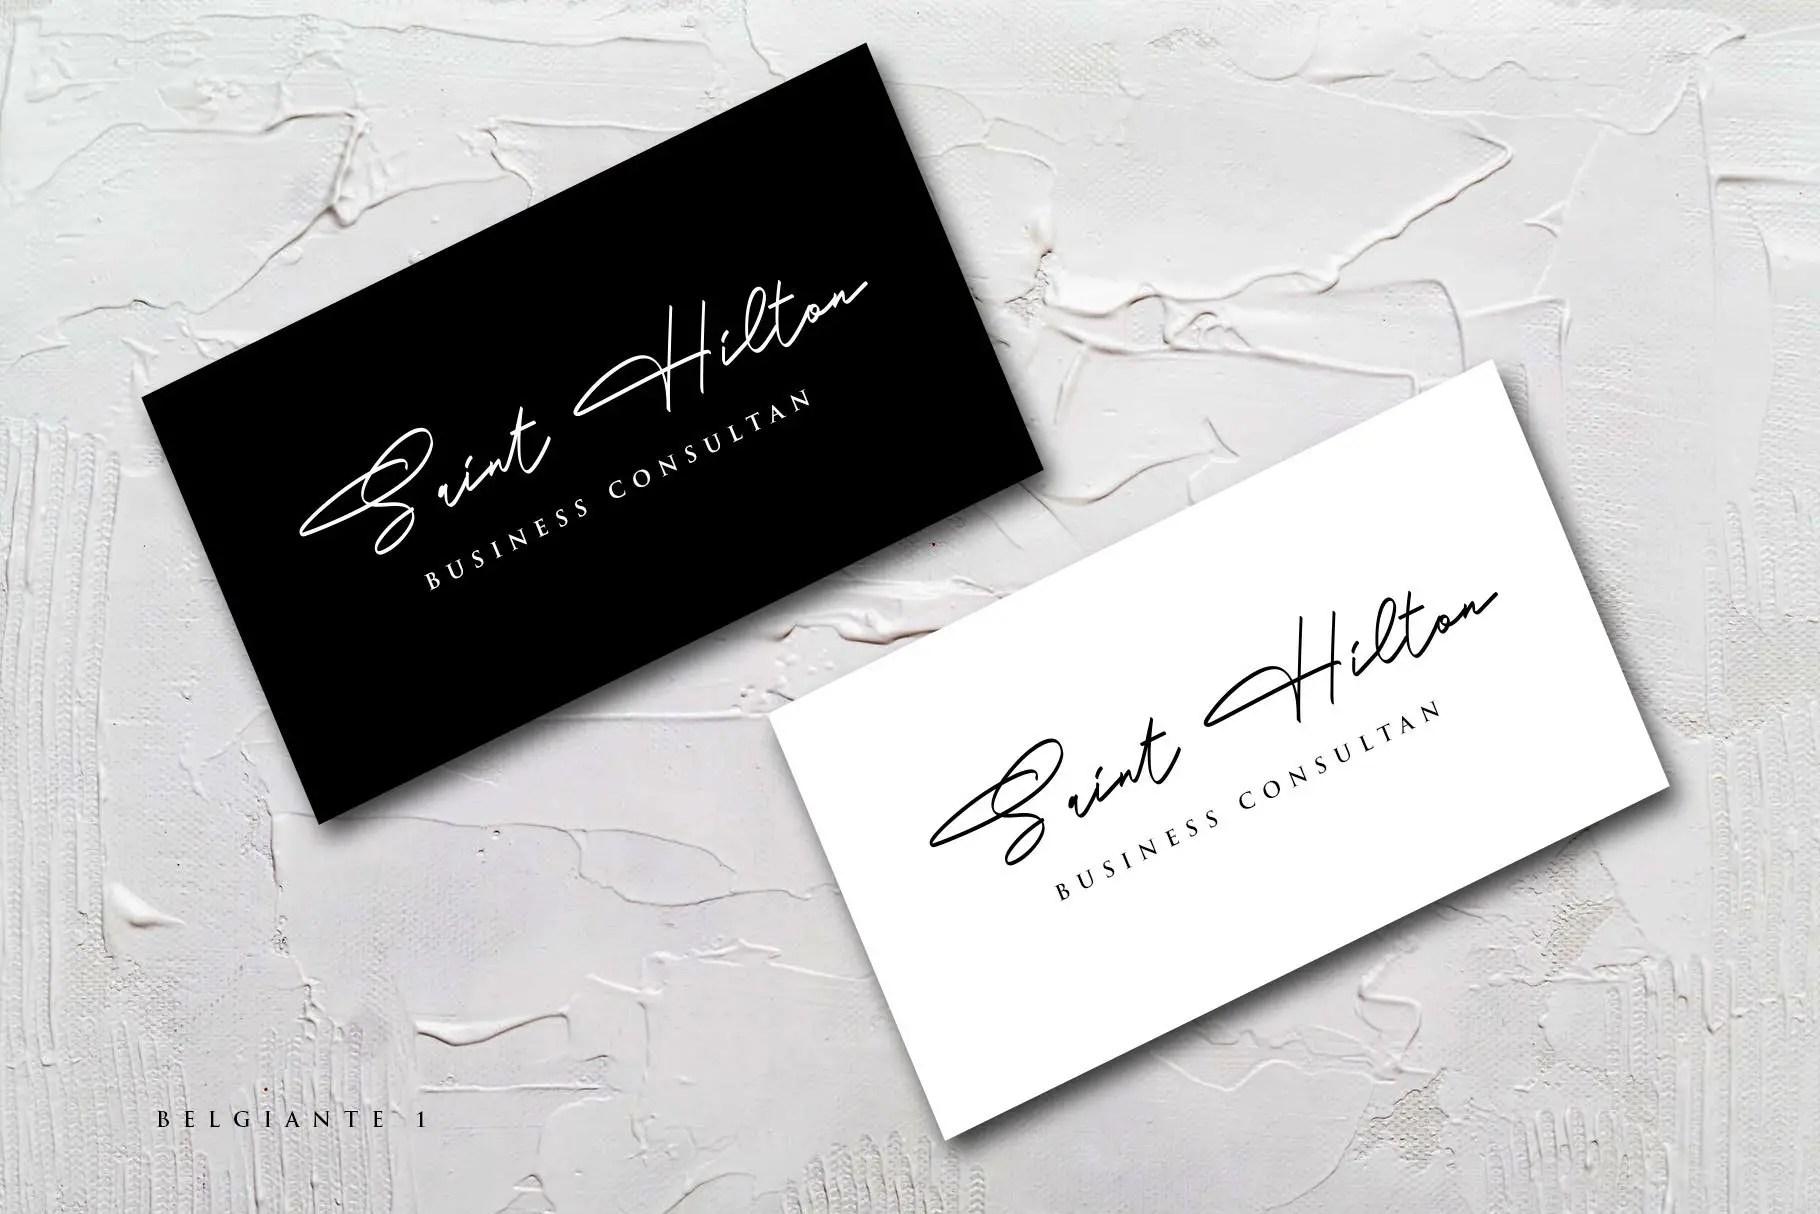 Belgiante-Handwritte2-Signature-Font-1